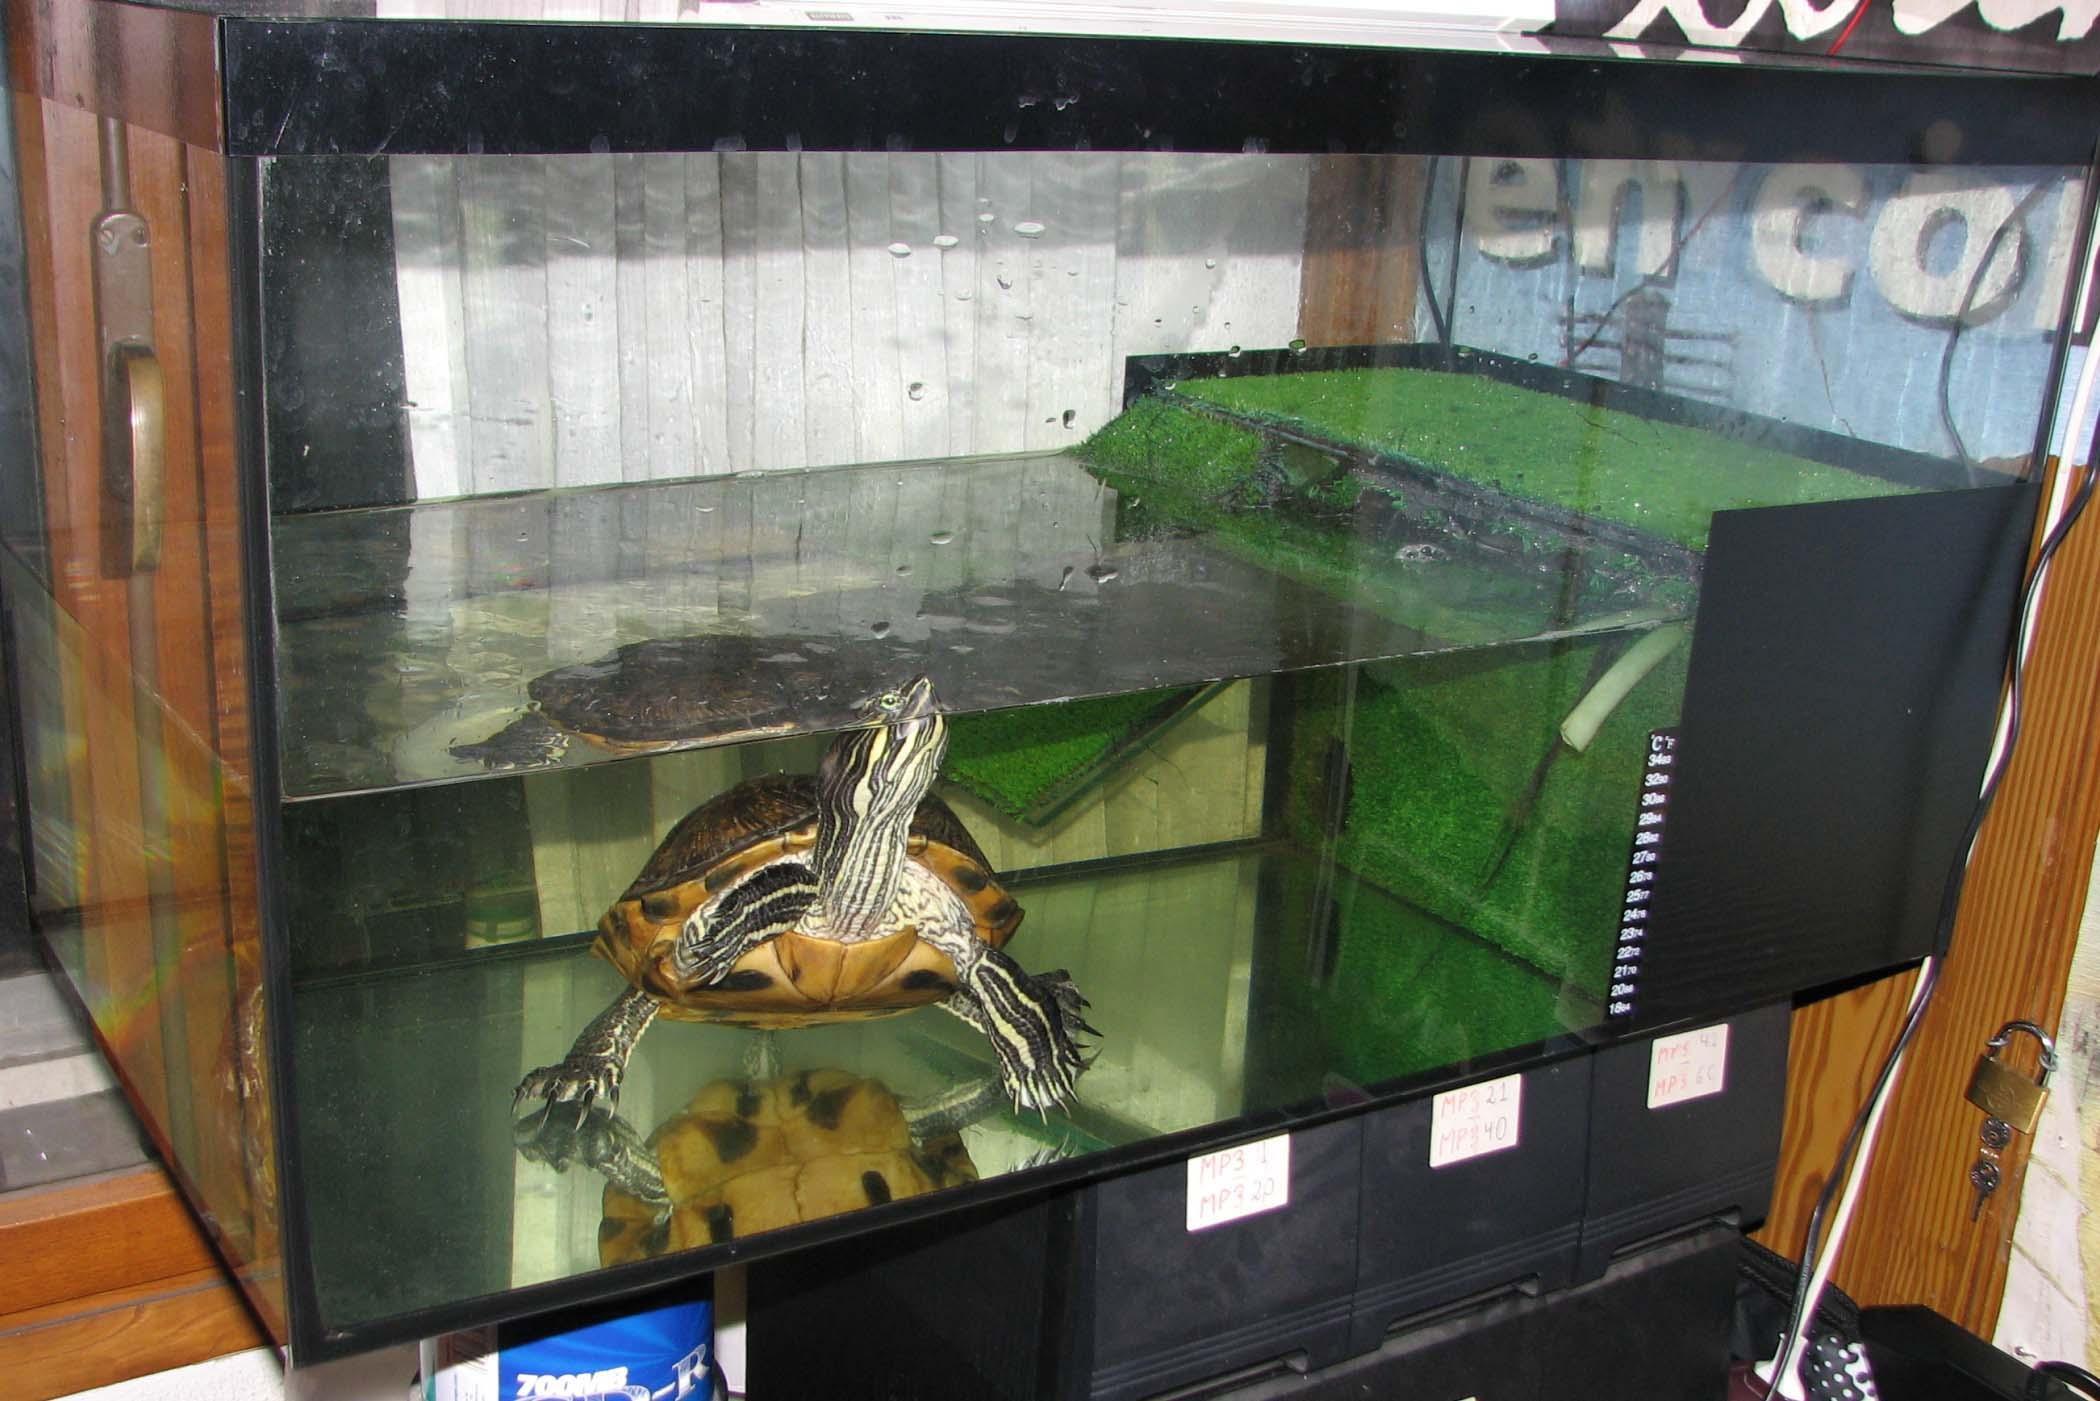 Una tortuga en casa el acuario o tortuguera for Peceras para tortugas